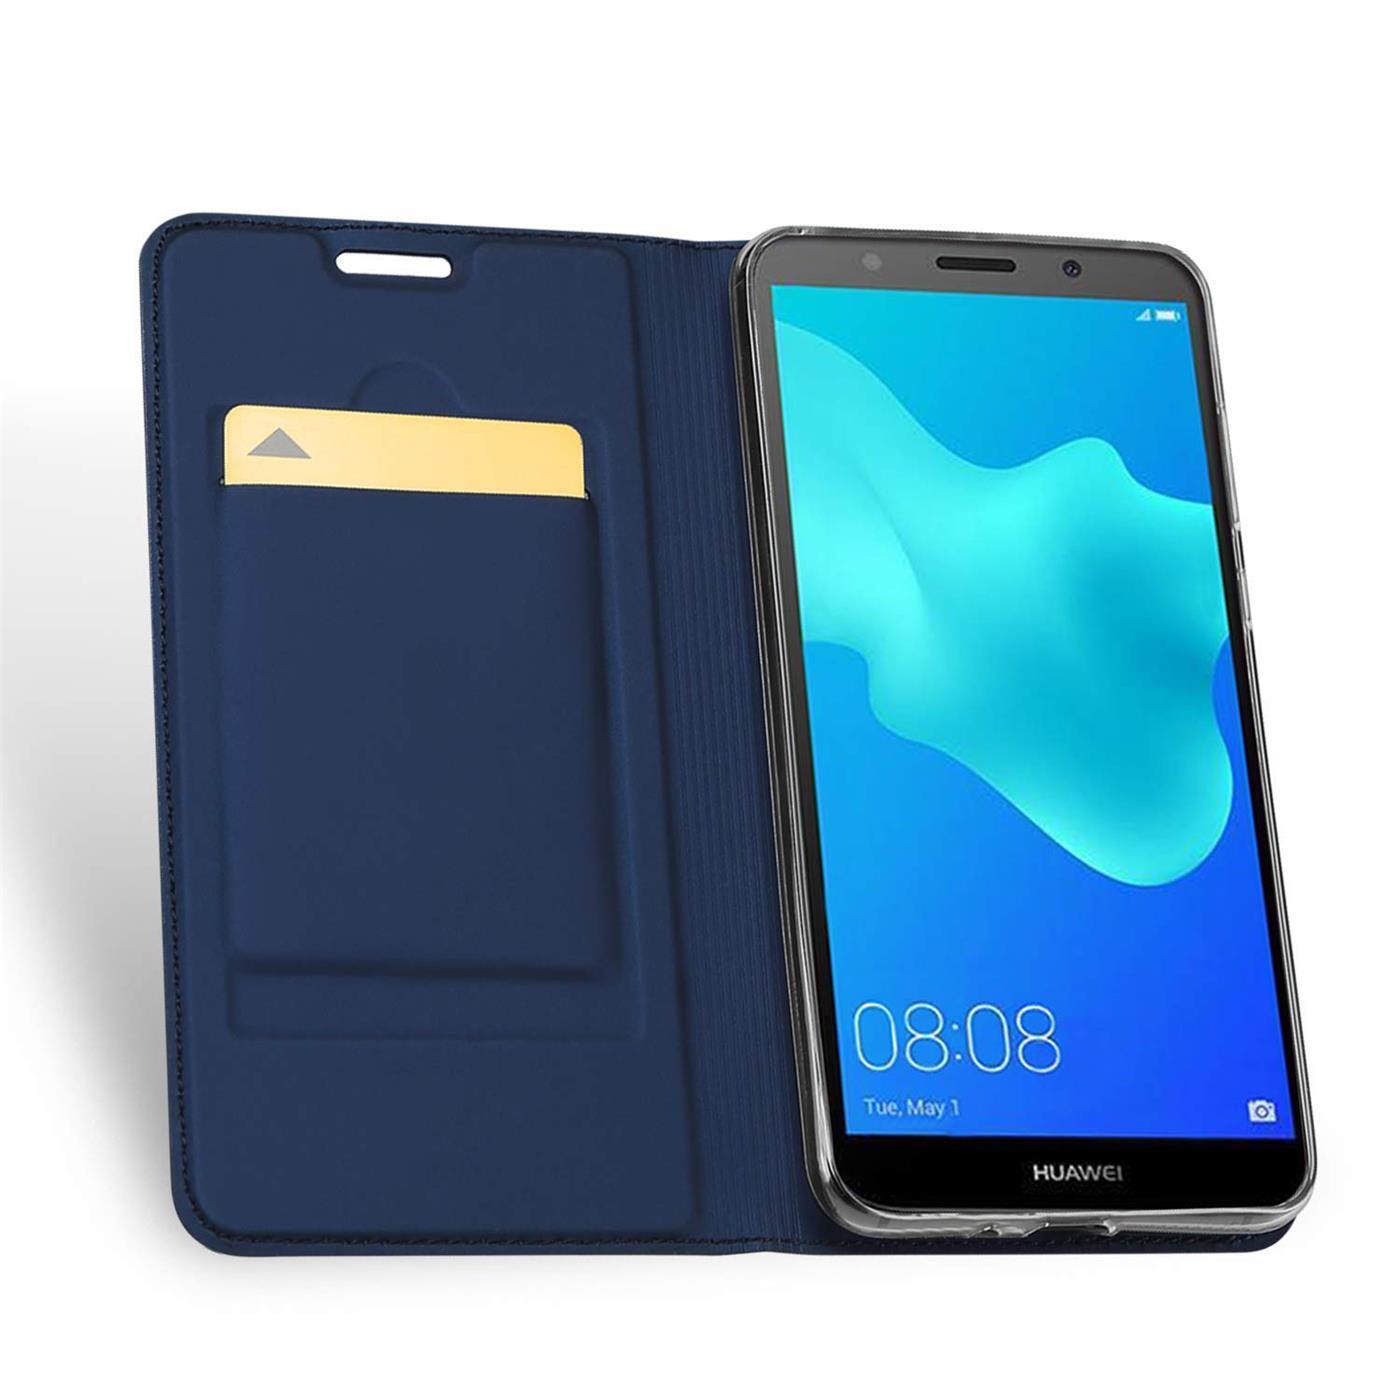 Handy-Huelle-Huawei-Y5-2018-Book-Case-Schutzhuelle-Tasche-Slim-Flip-Cover-Etui Indexbild 12